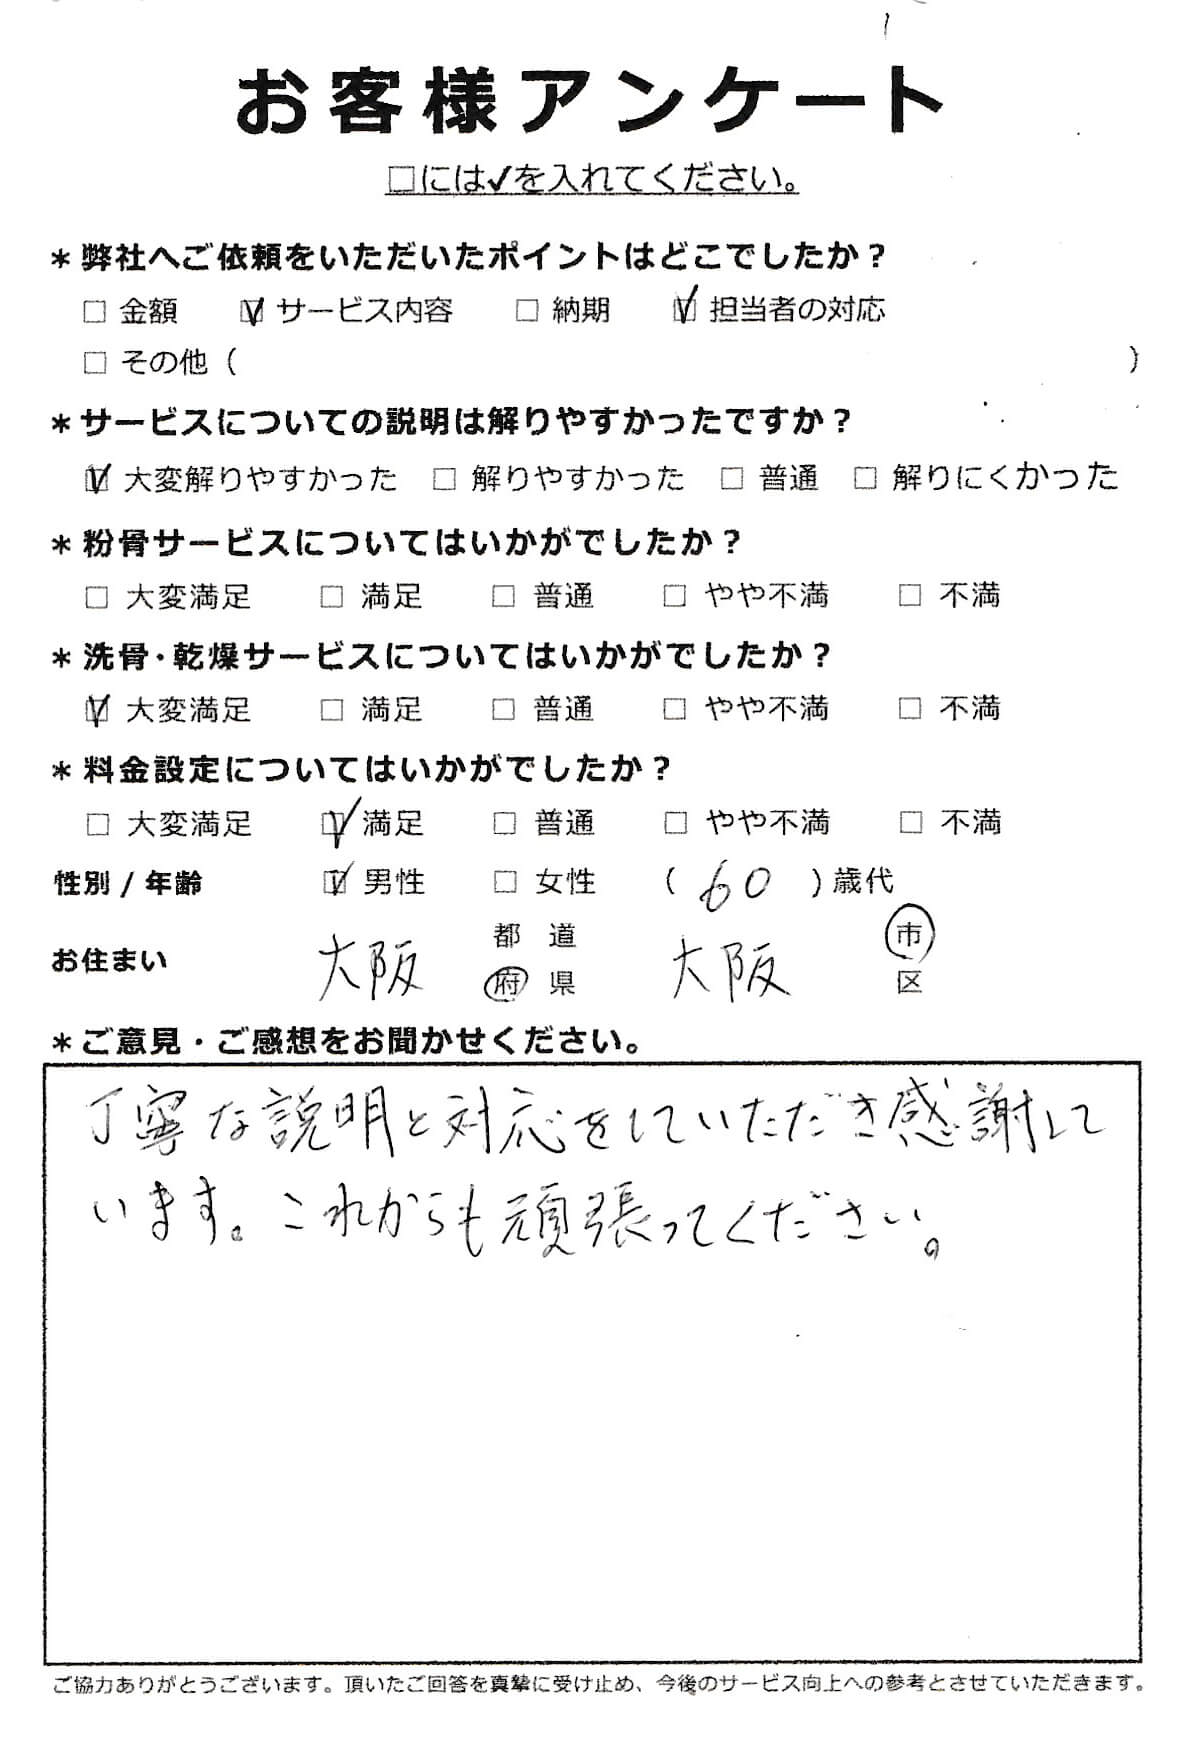 大阪府大阪市での洗骨・乾燥サービス